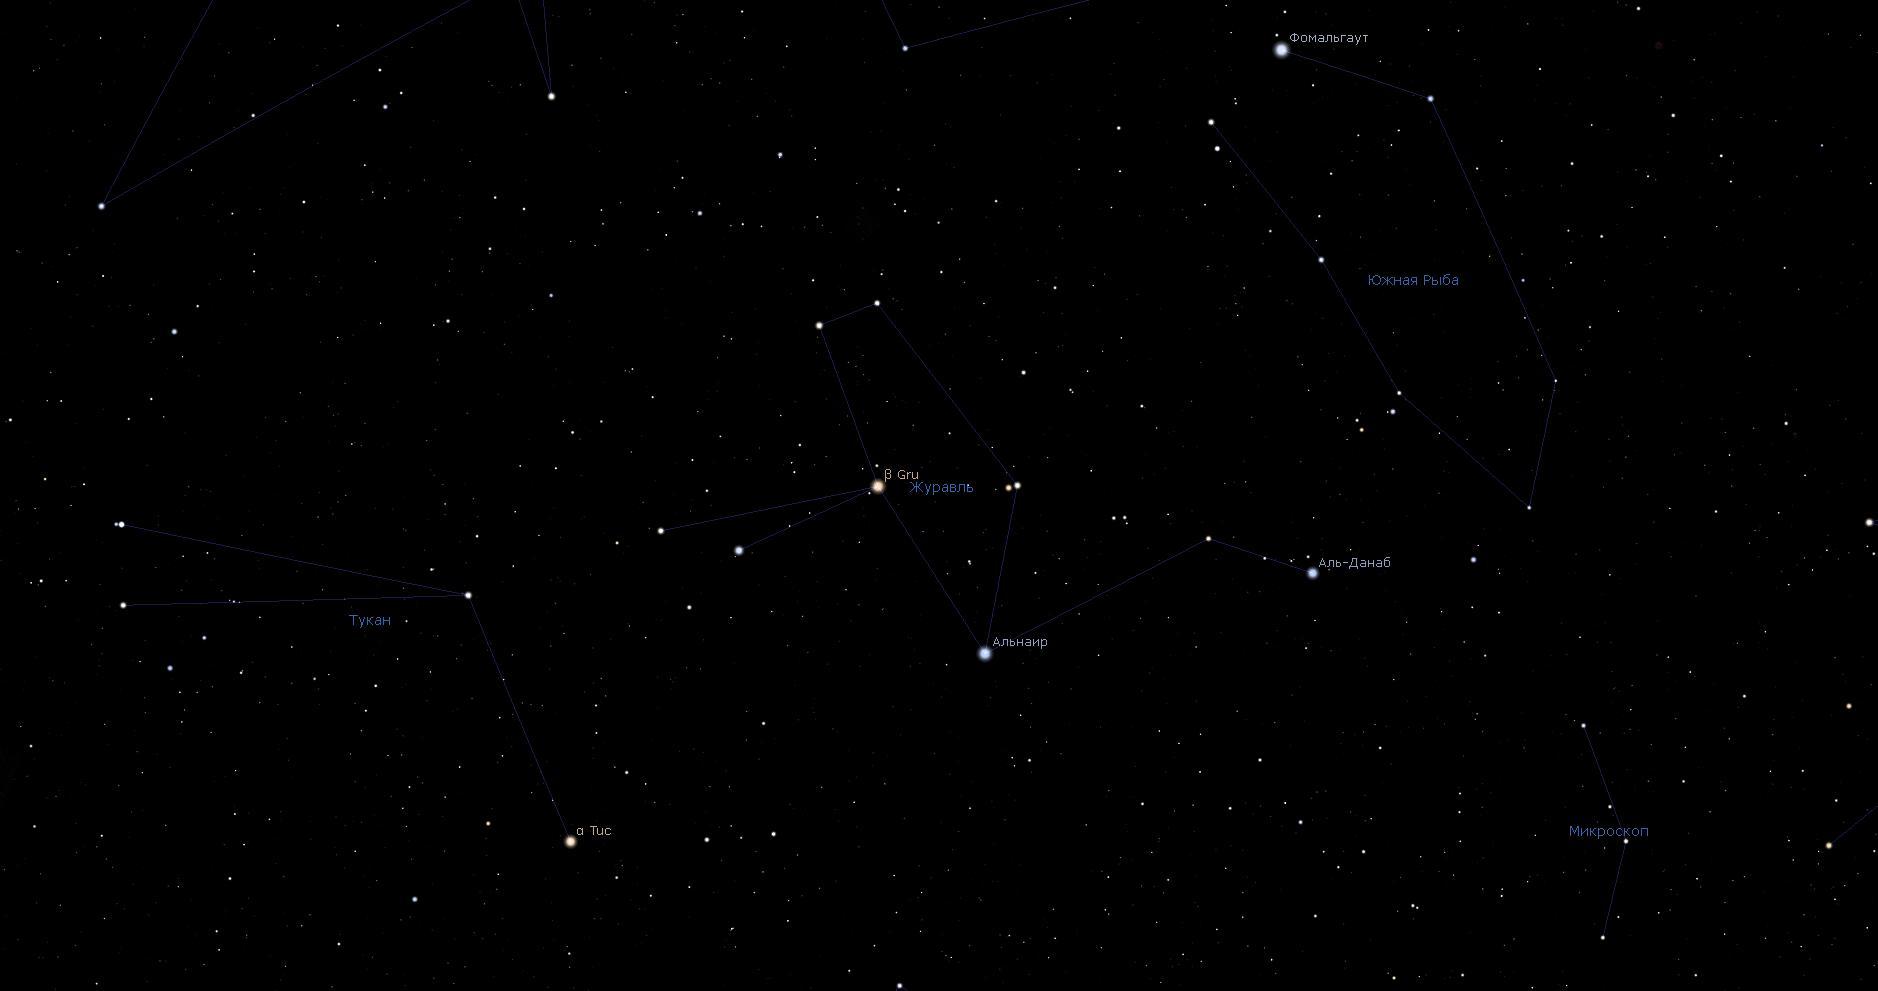 Звезда Альнаир в созвездии Журавль